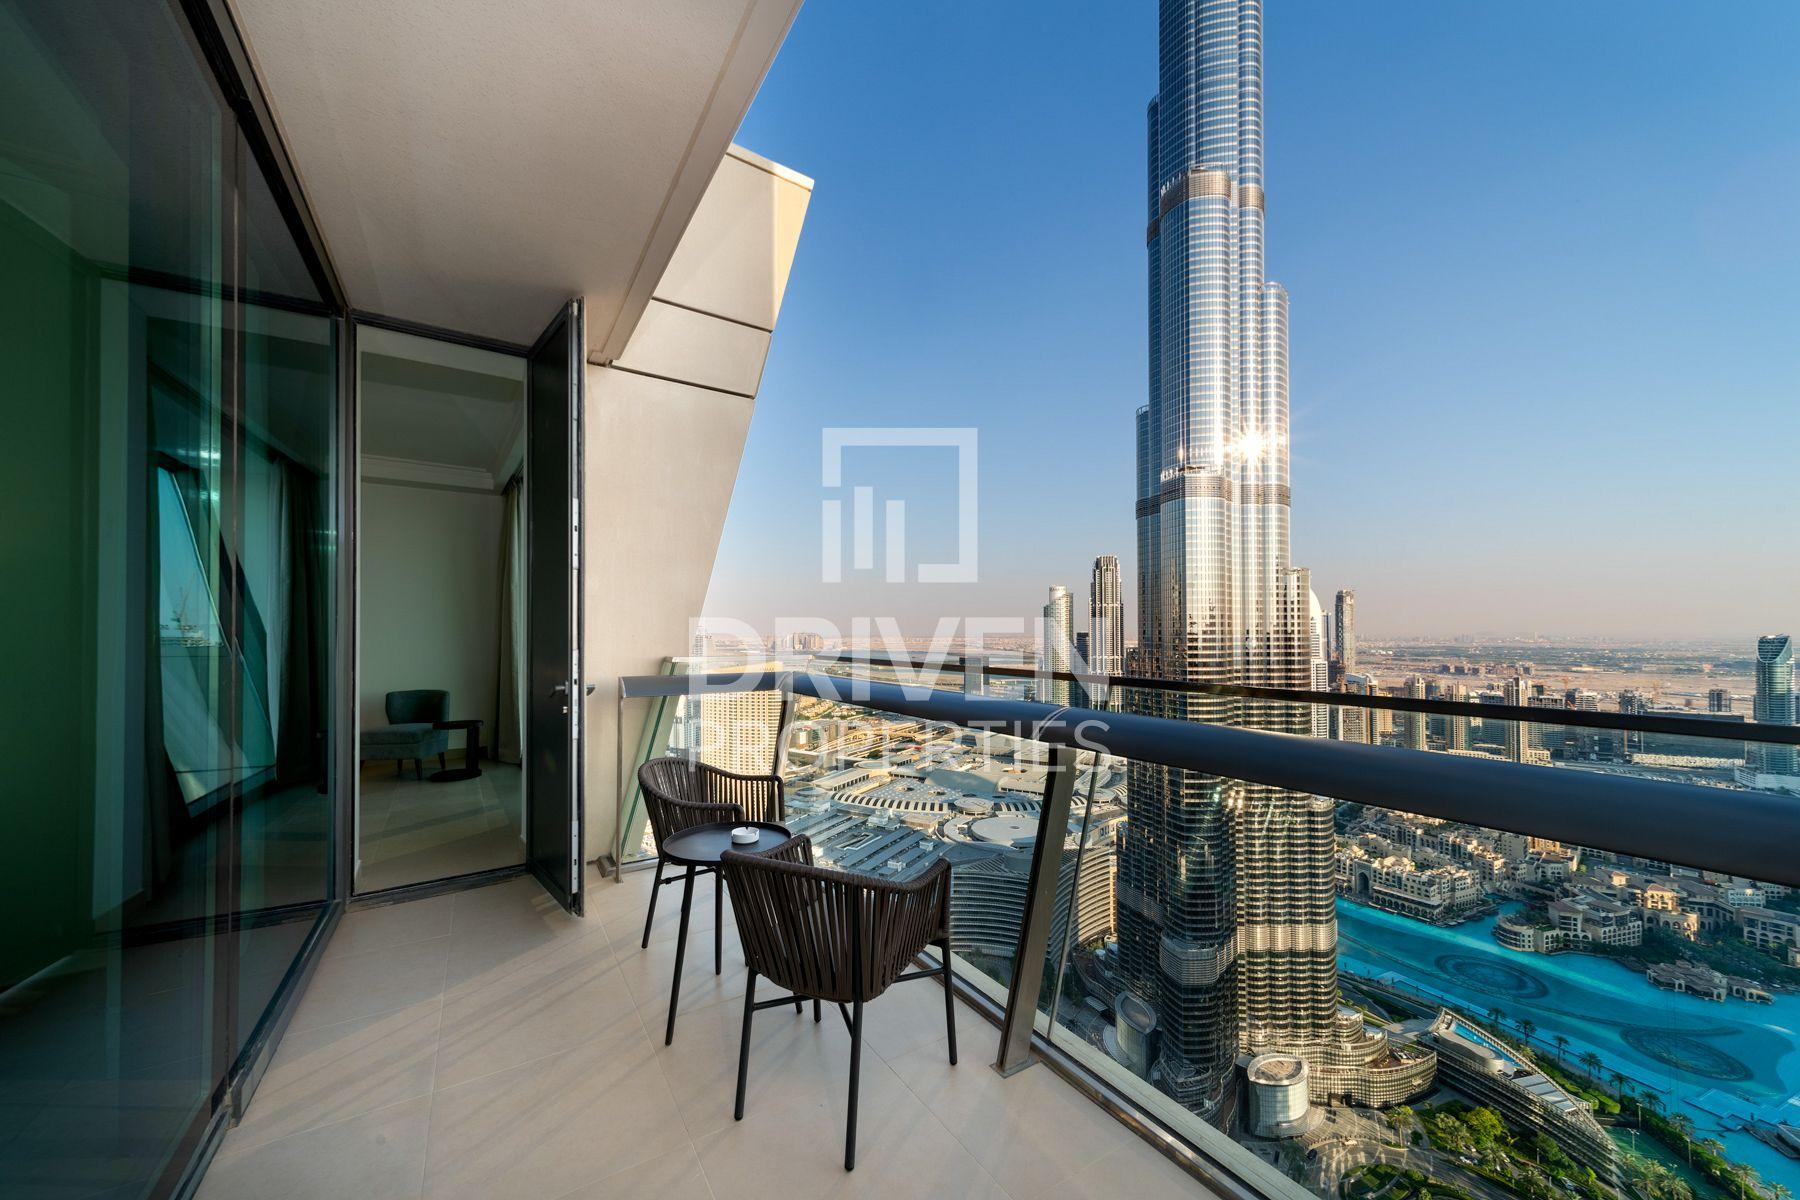 1,780 قدم مربع  شقة - للبيع - دبي وسط المدينة